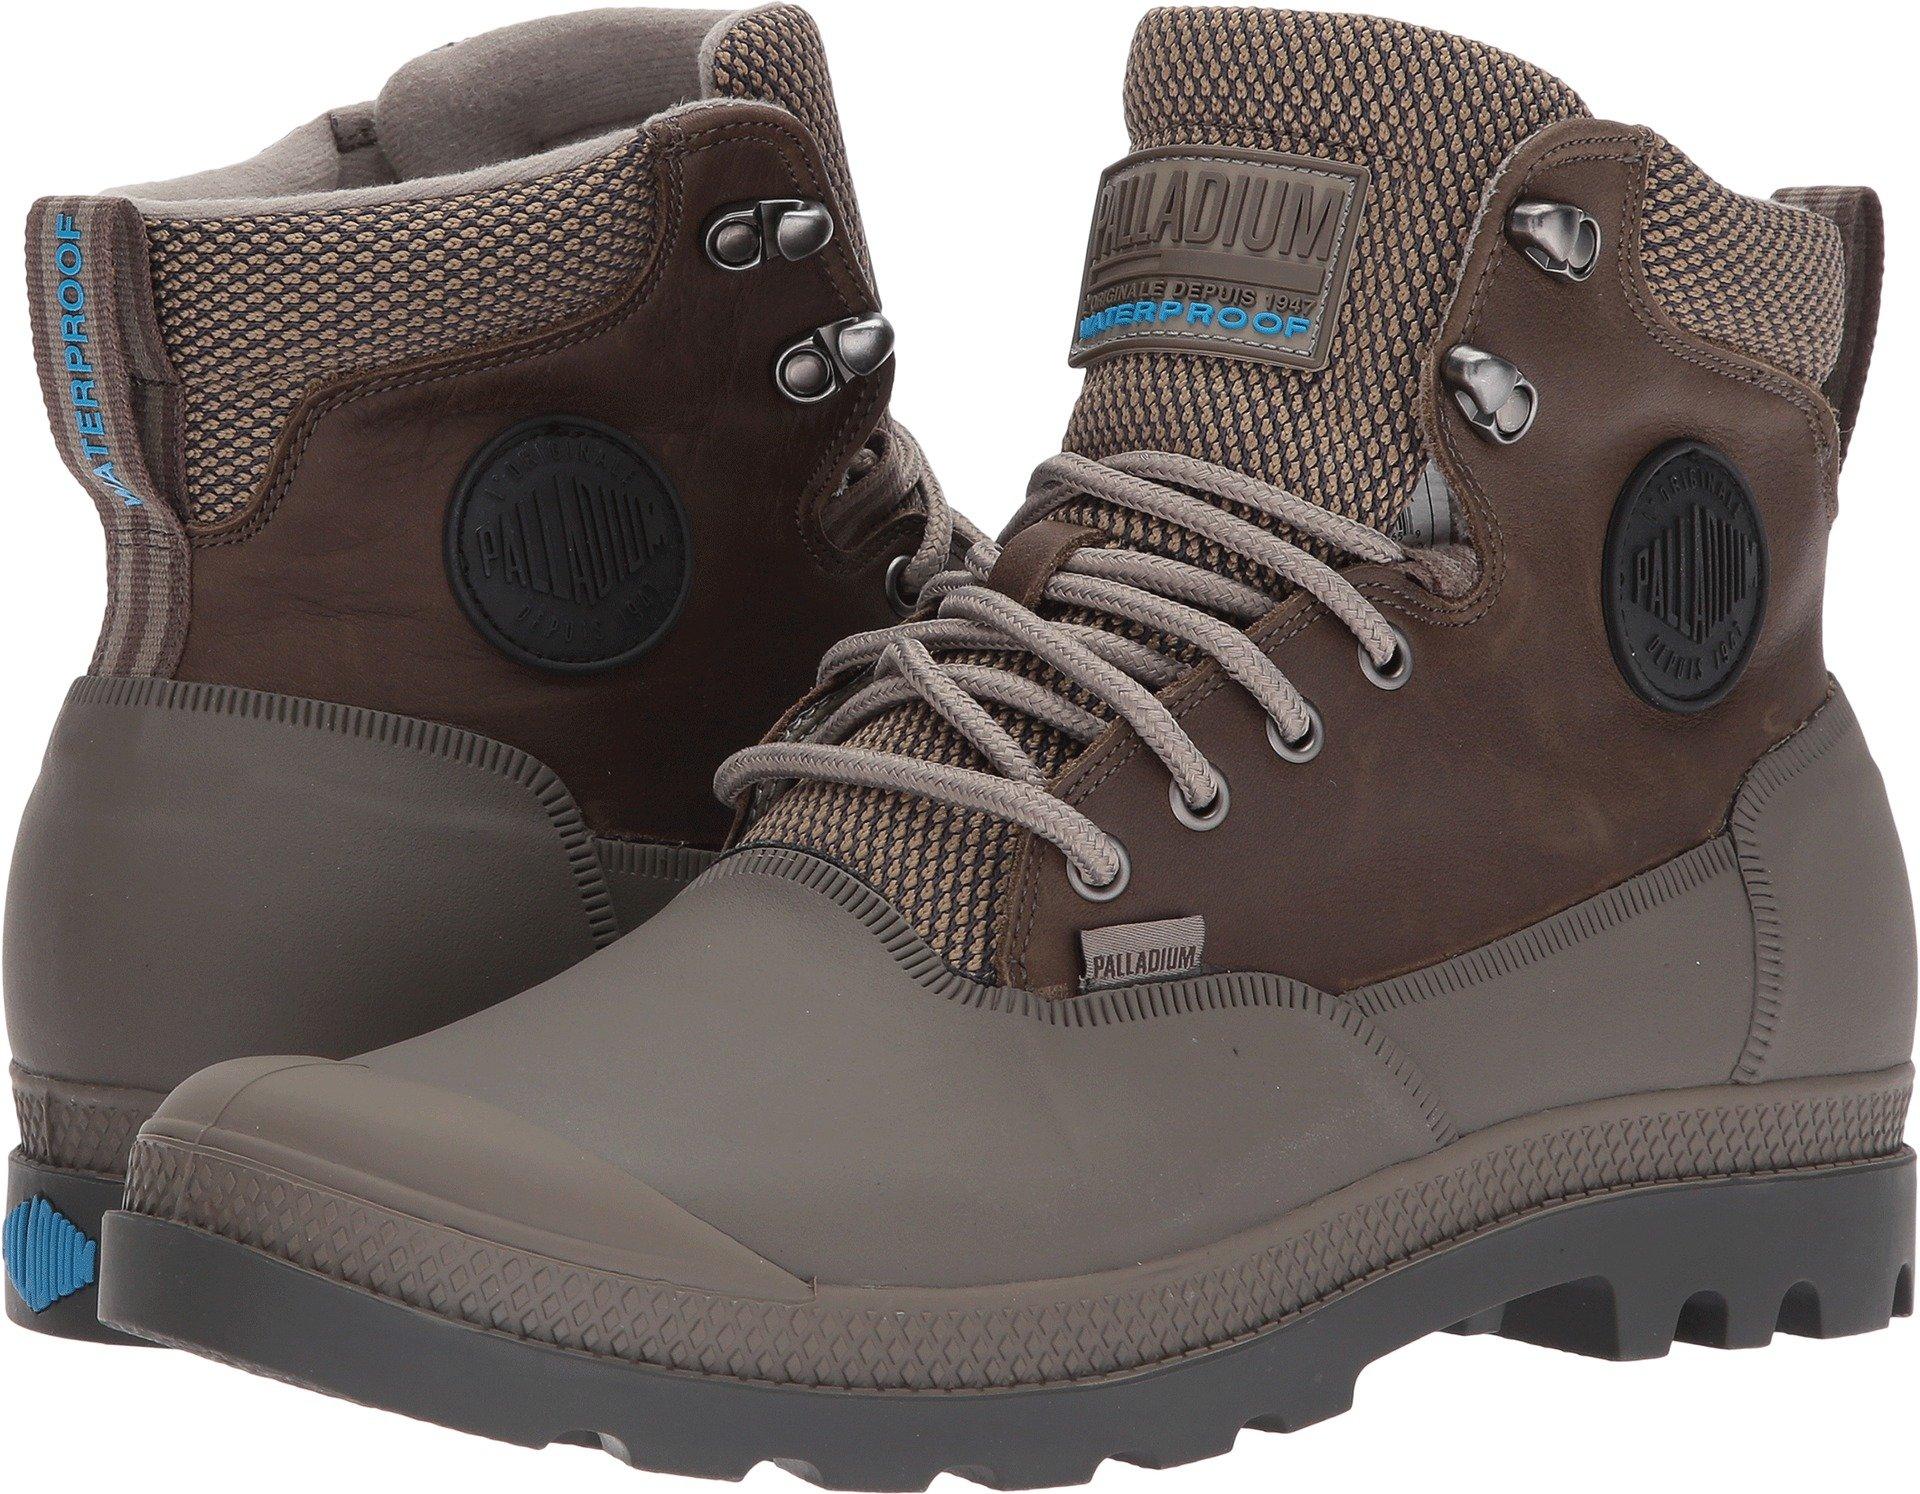 Palladium Sport Cuff Waterproof 2.0 Boots Fallen Rock. Mens 7.5 Womens 9